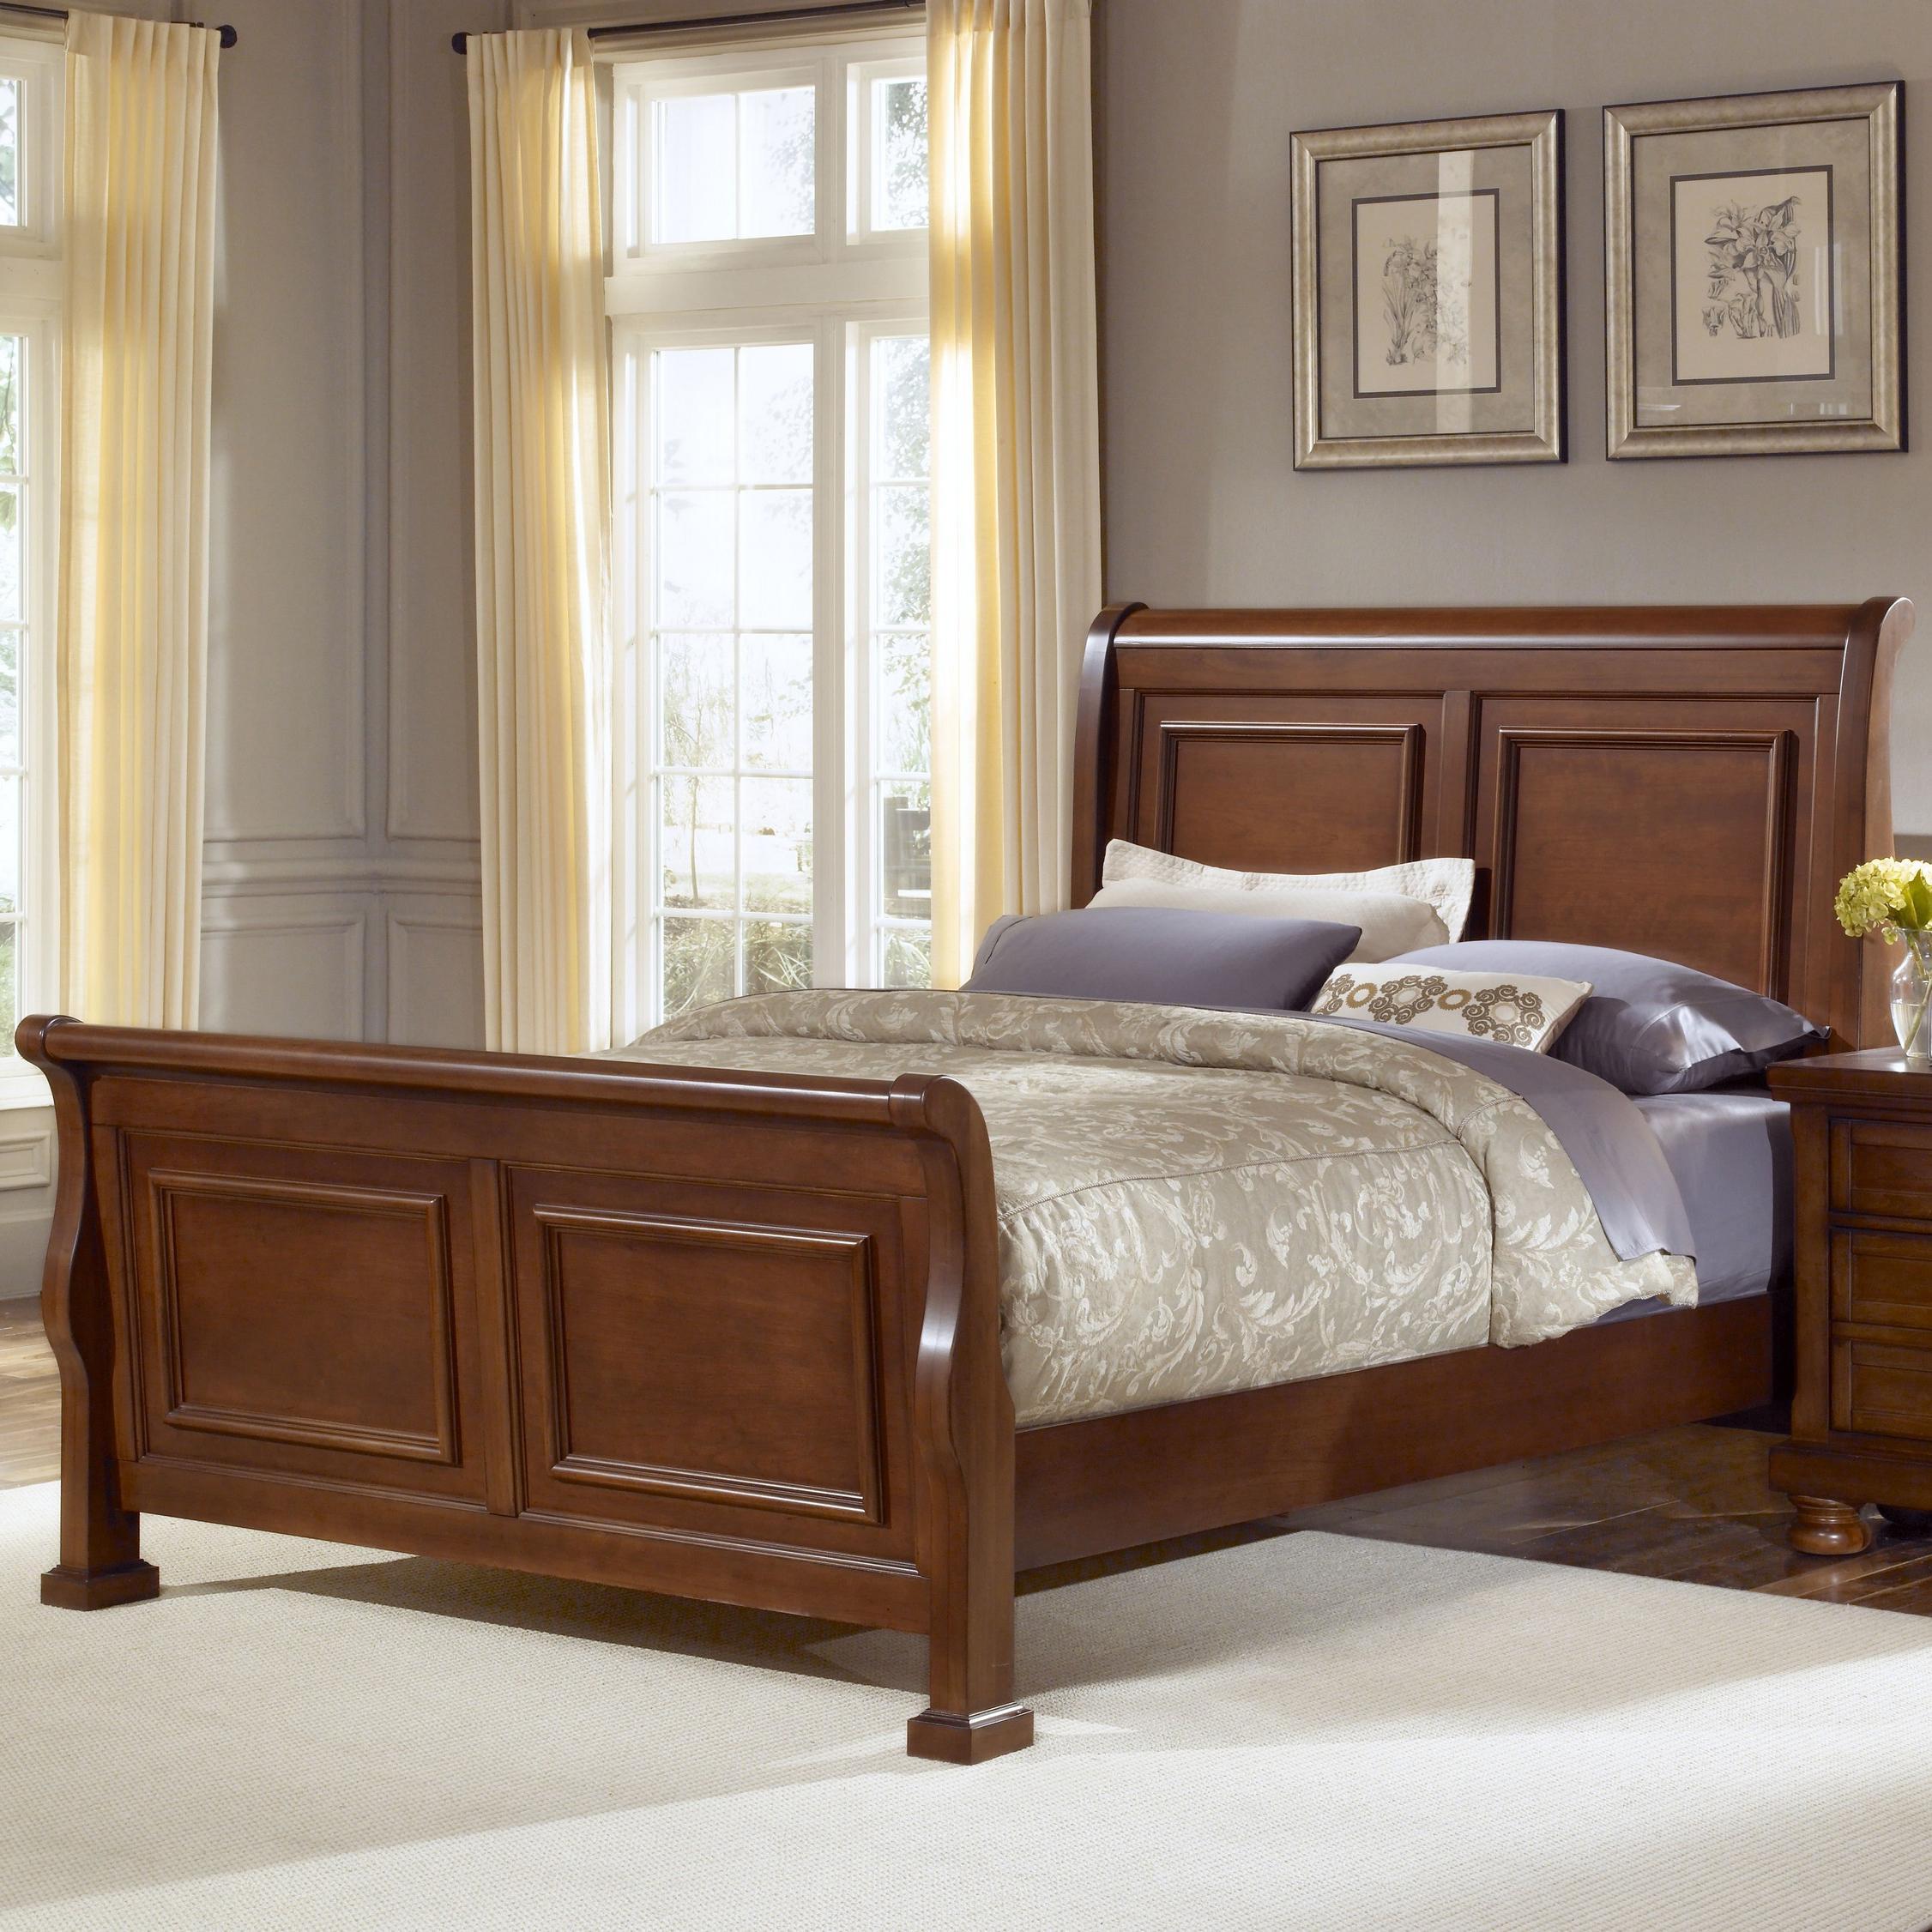 Vaughan Bassett Reflections King Sleigh Bed Belfort Furniture Sleigh Beds